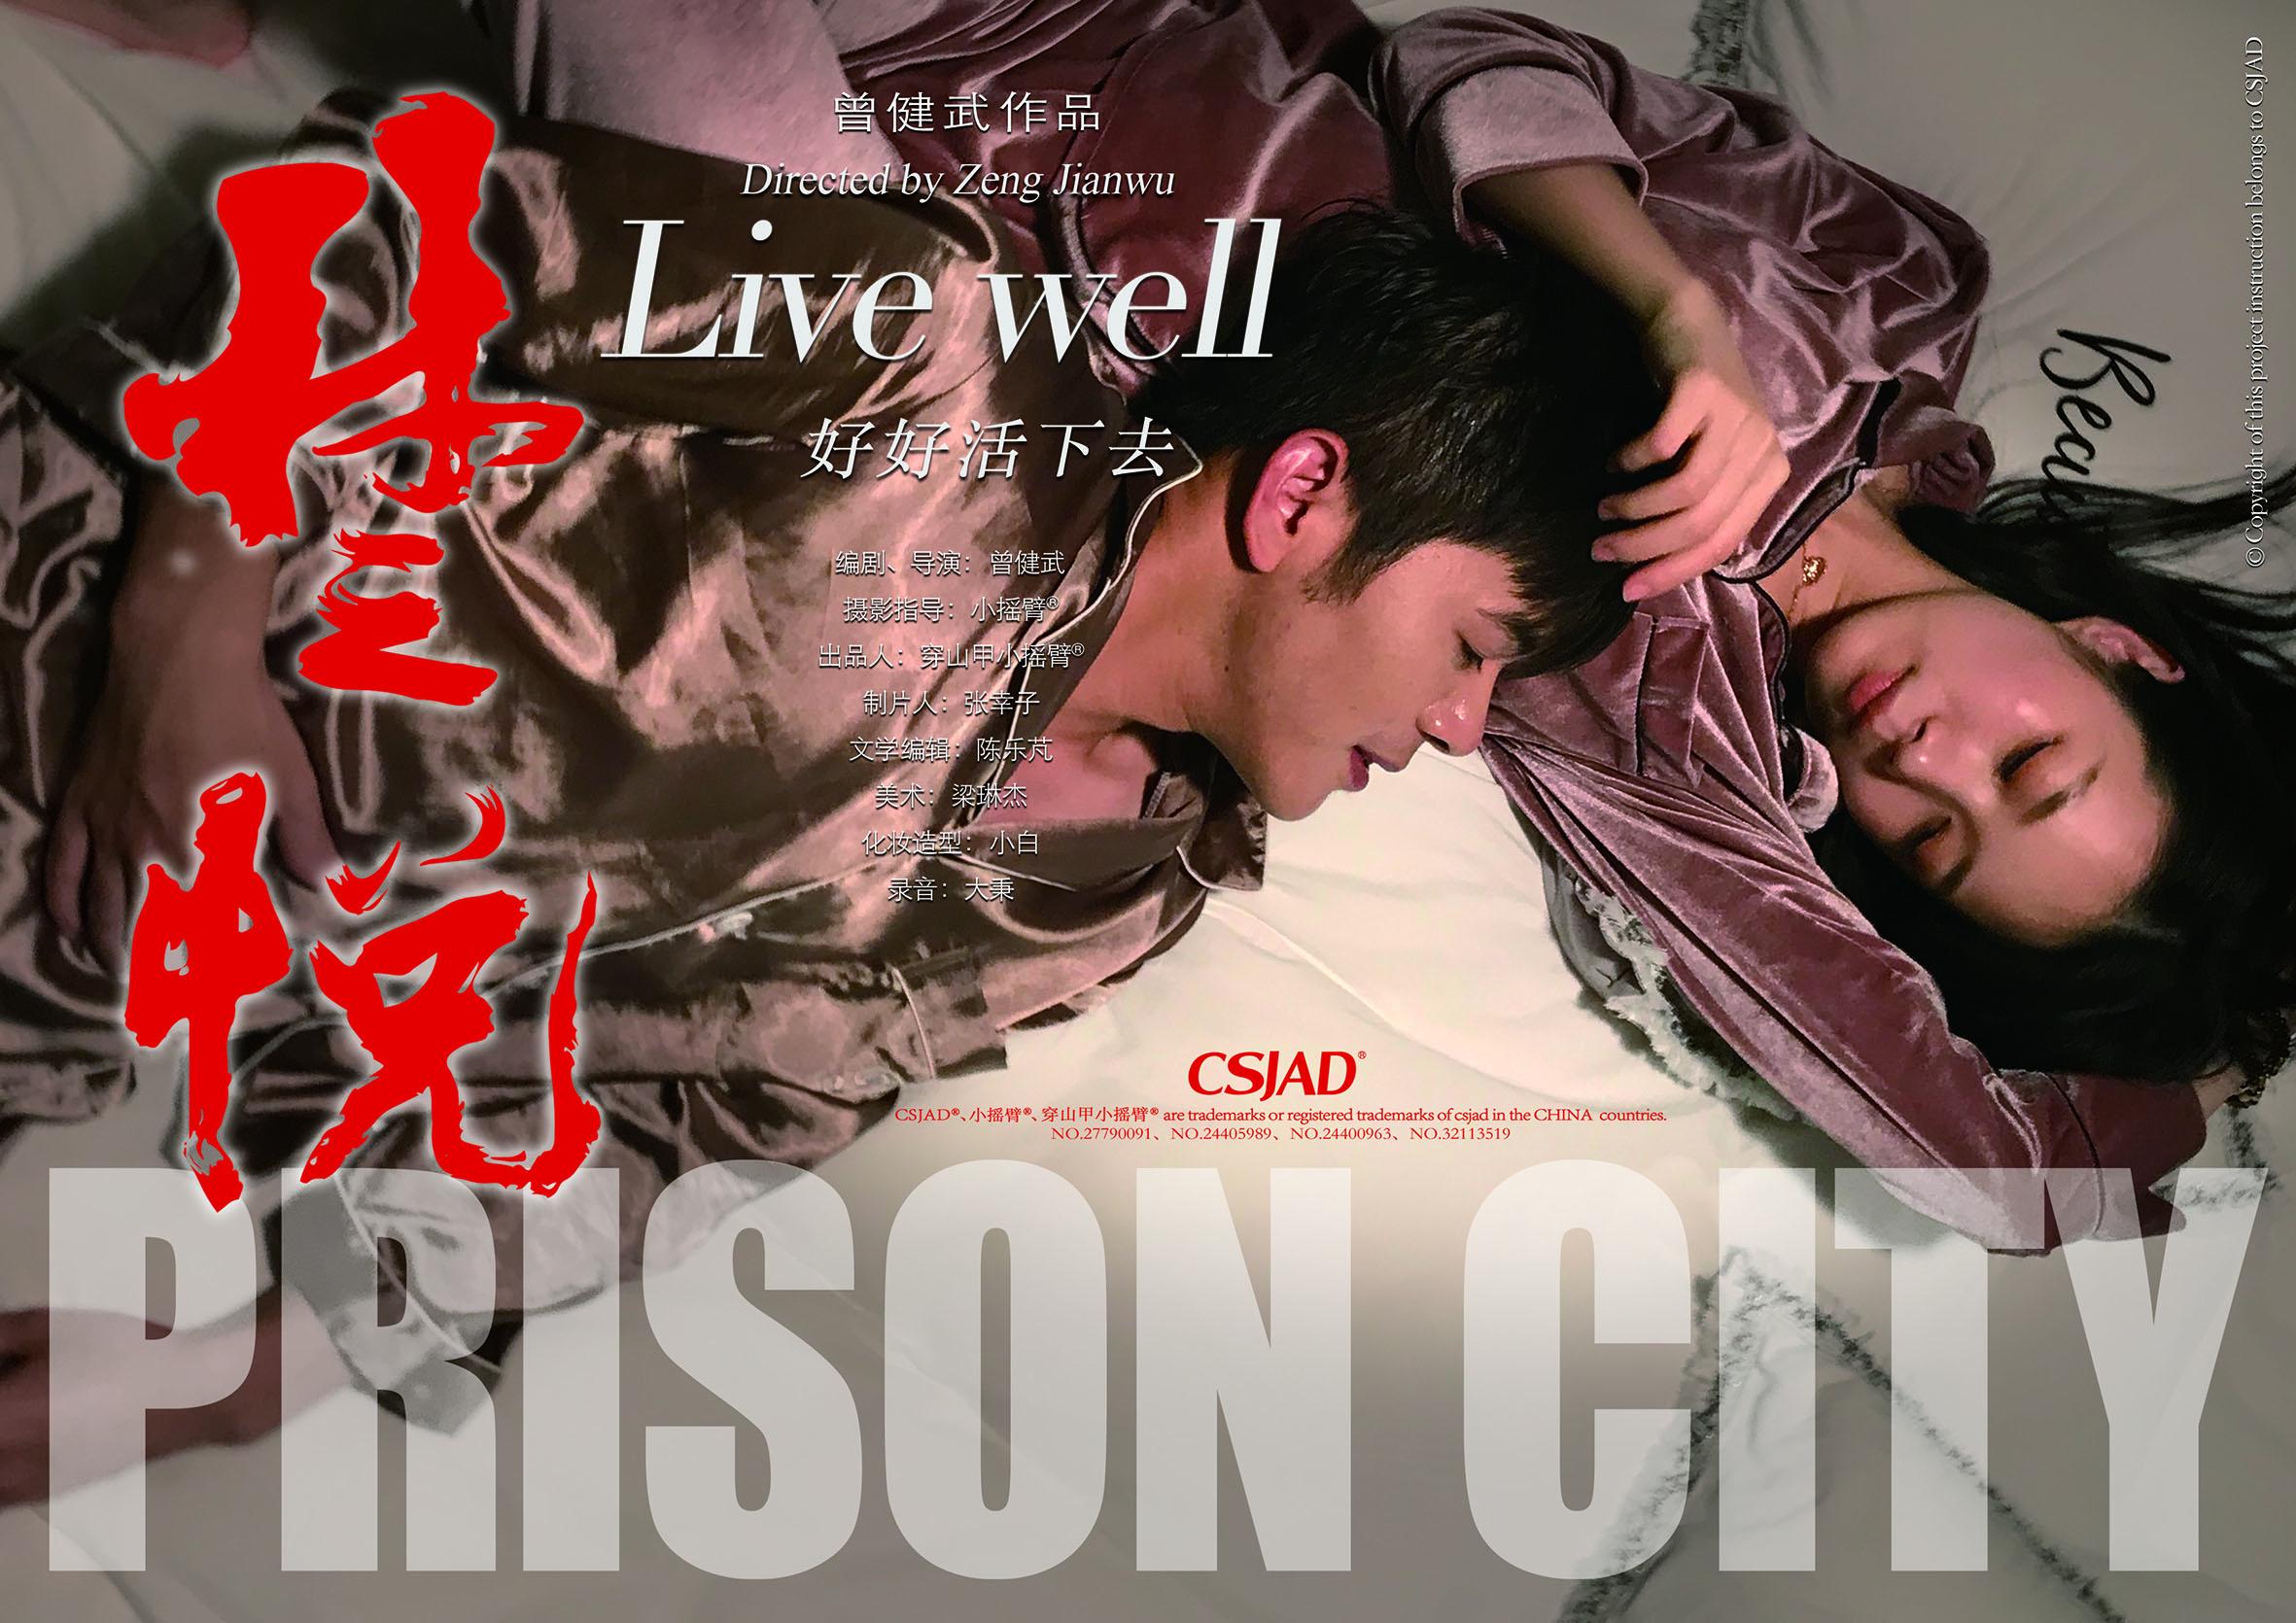 楚悦PRISON CITY